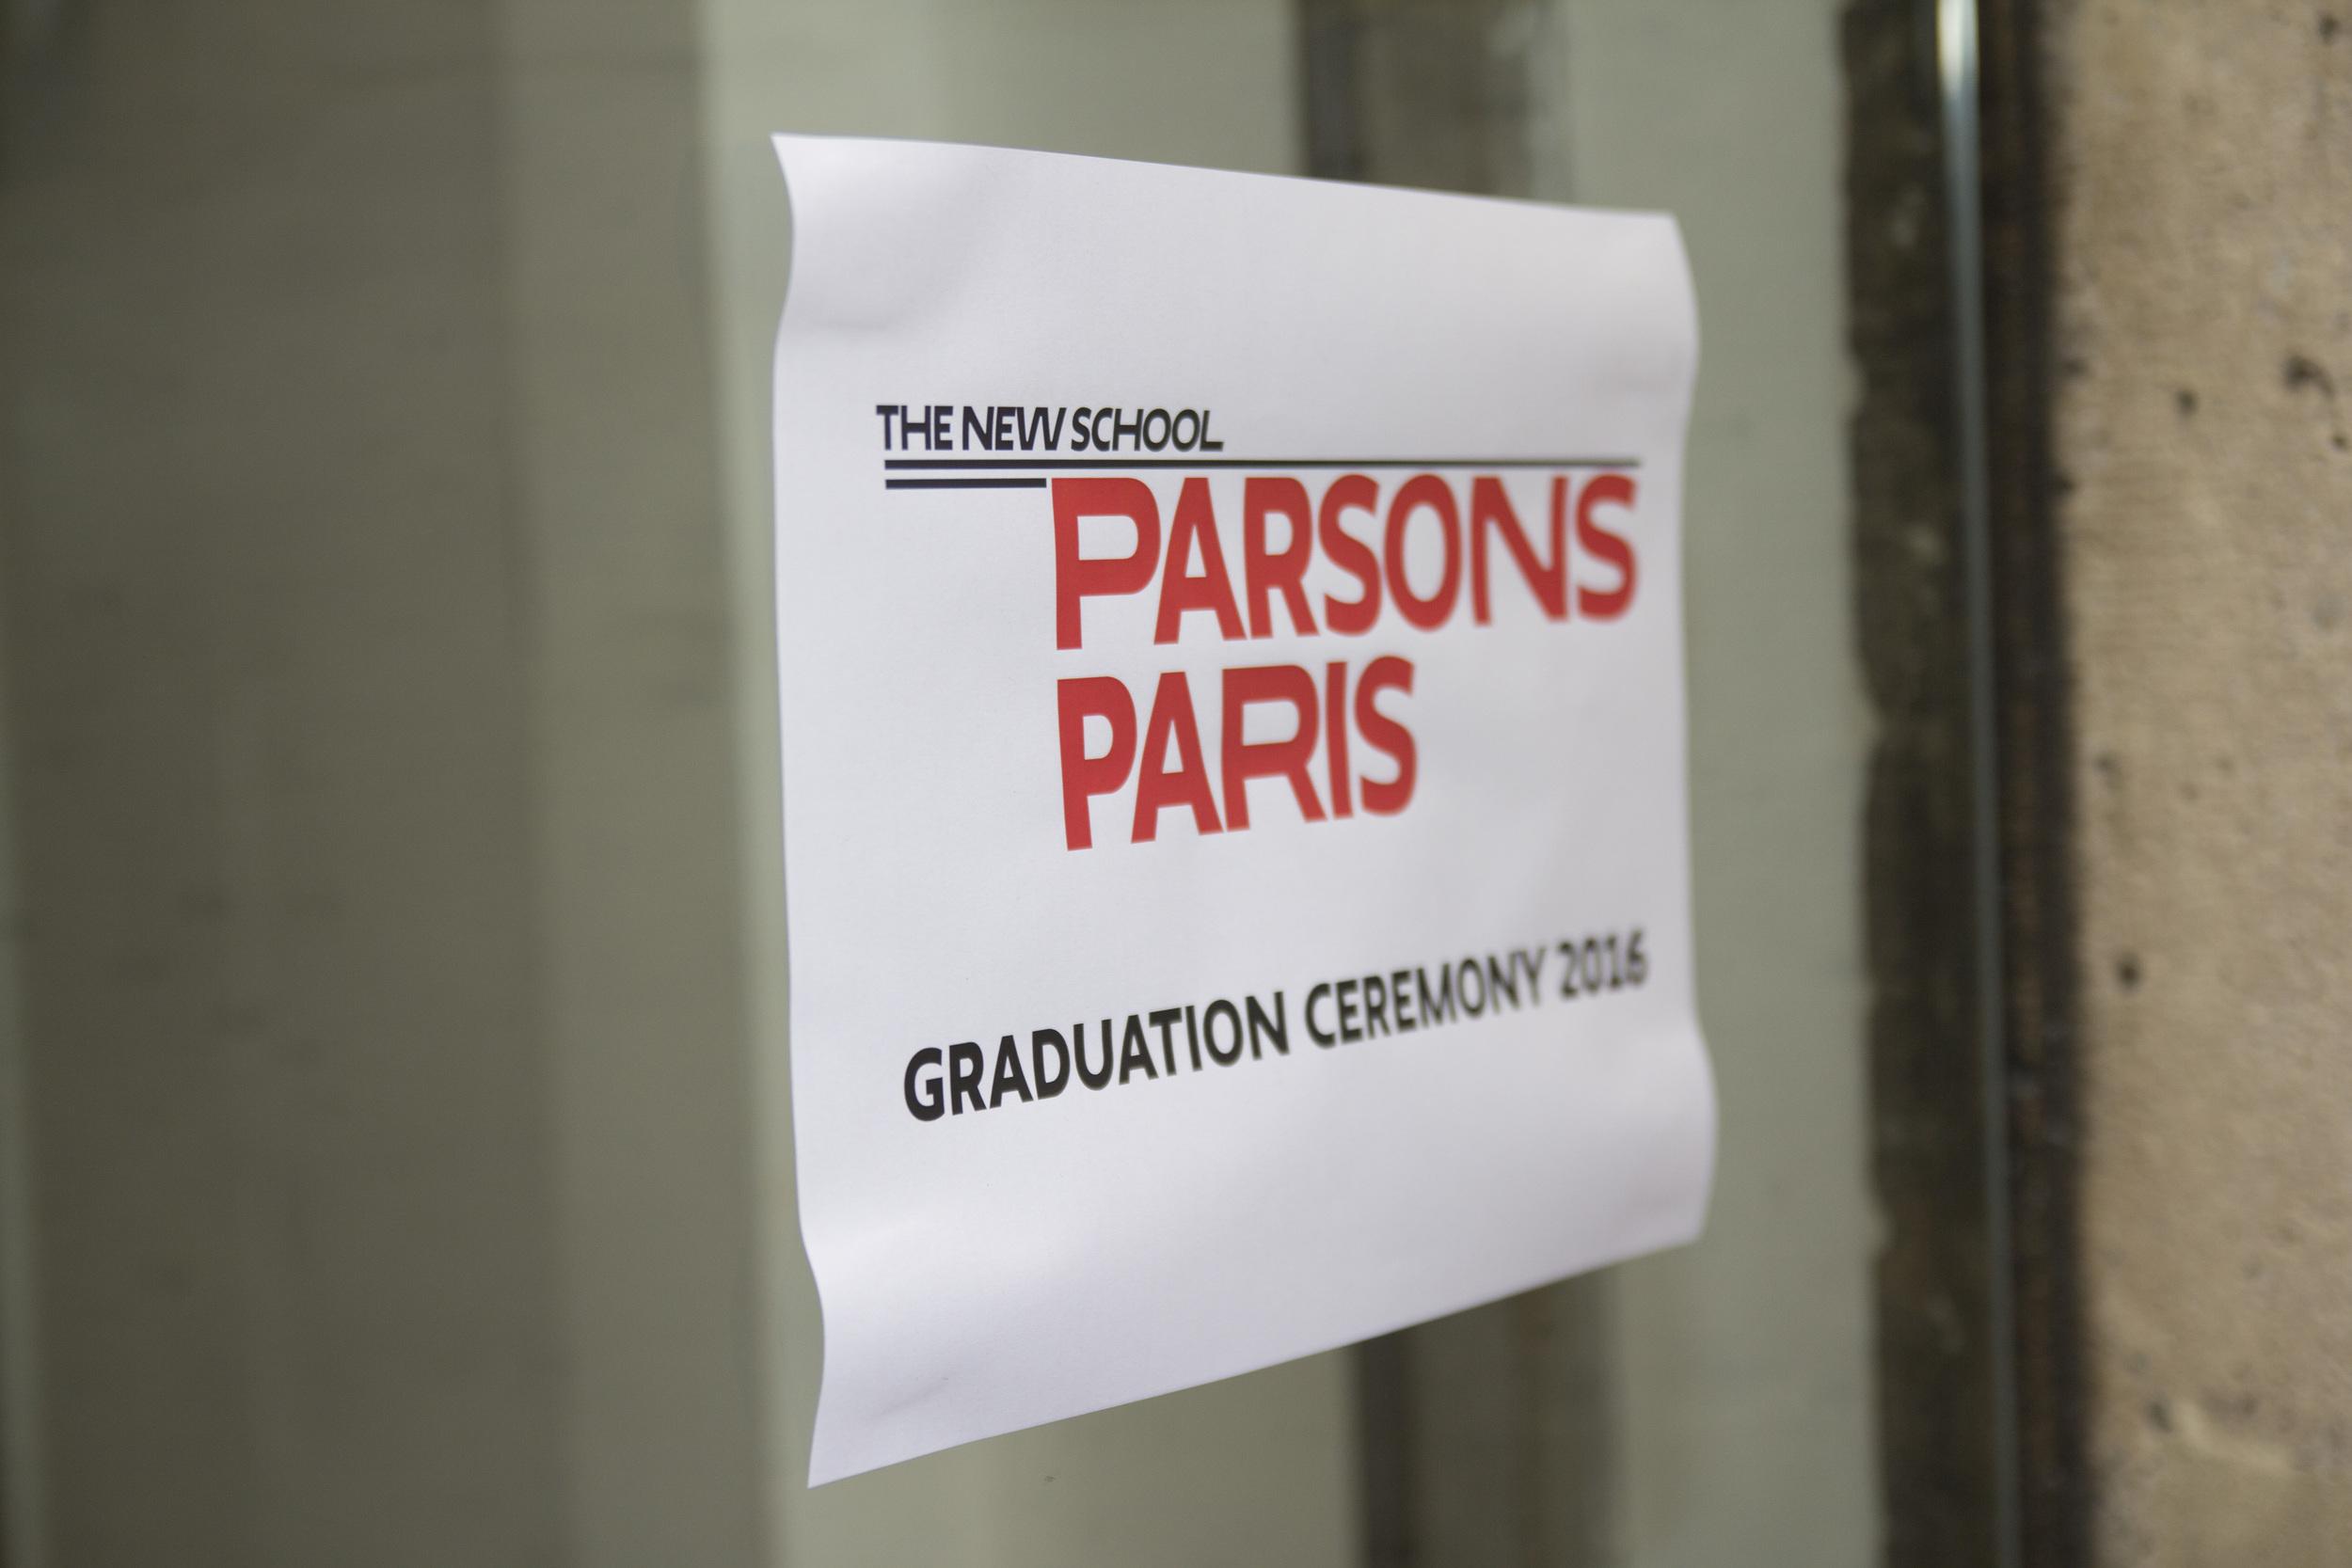 TNS_ParsonsParis_Graduation_71.jpg